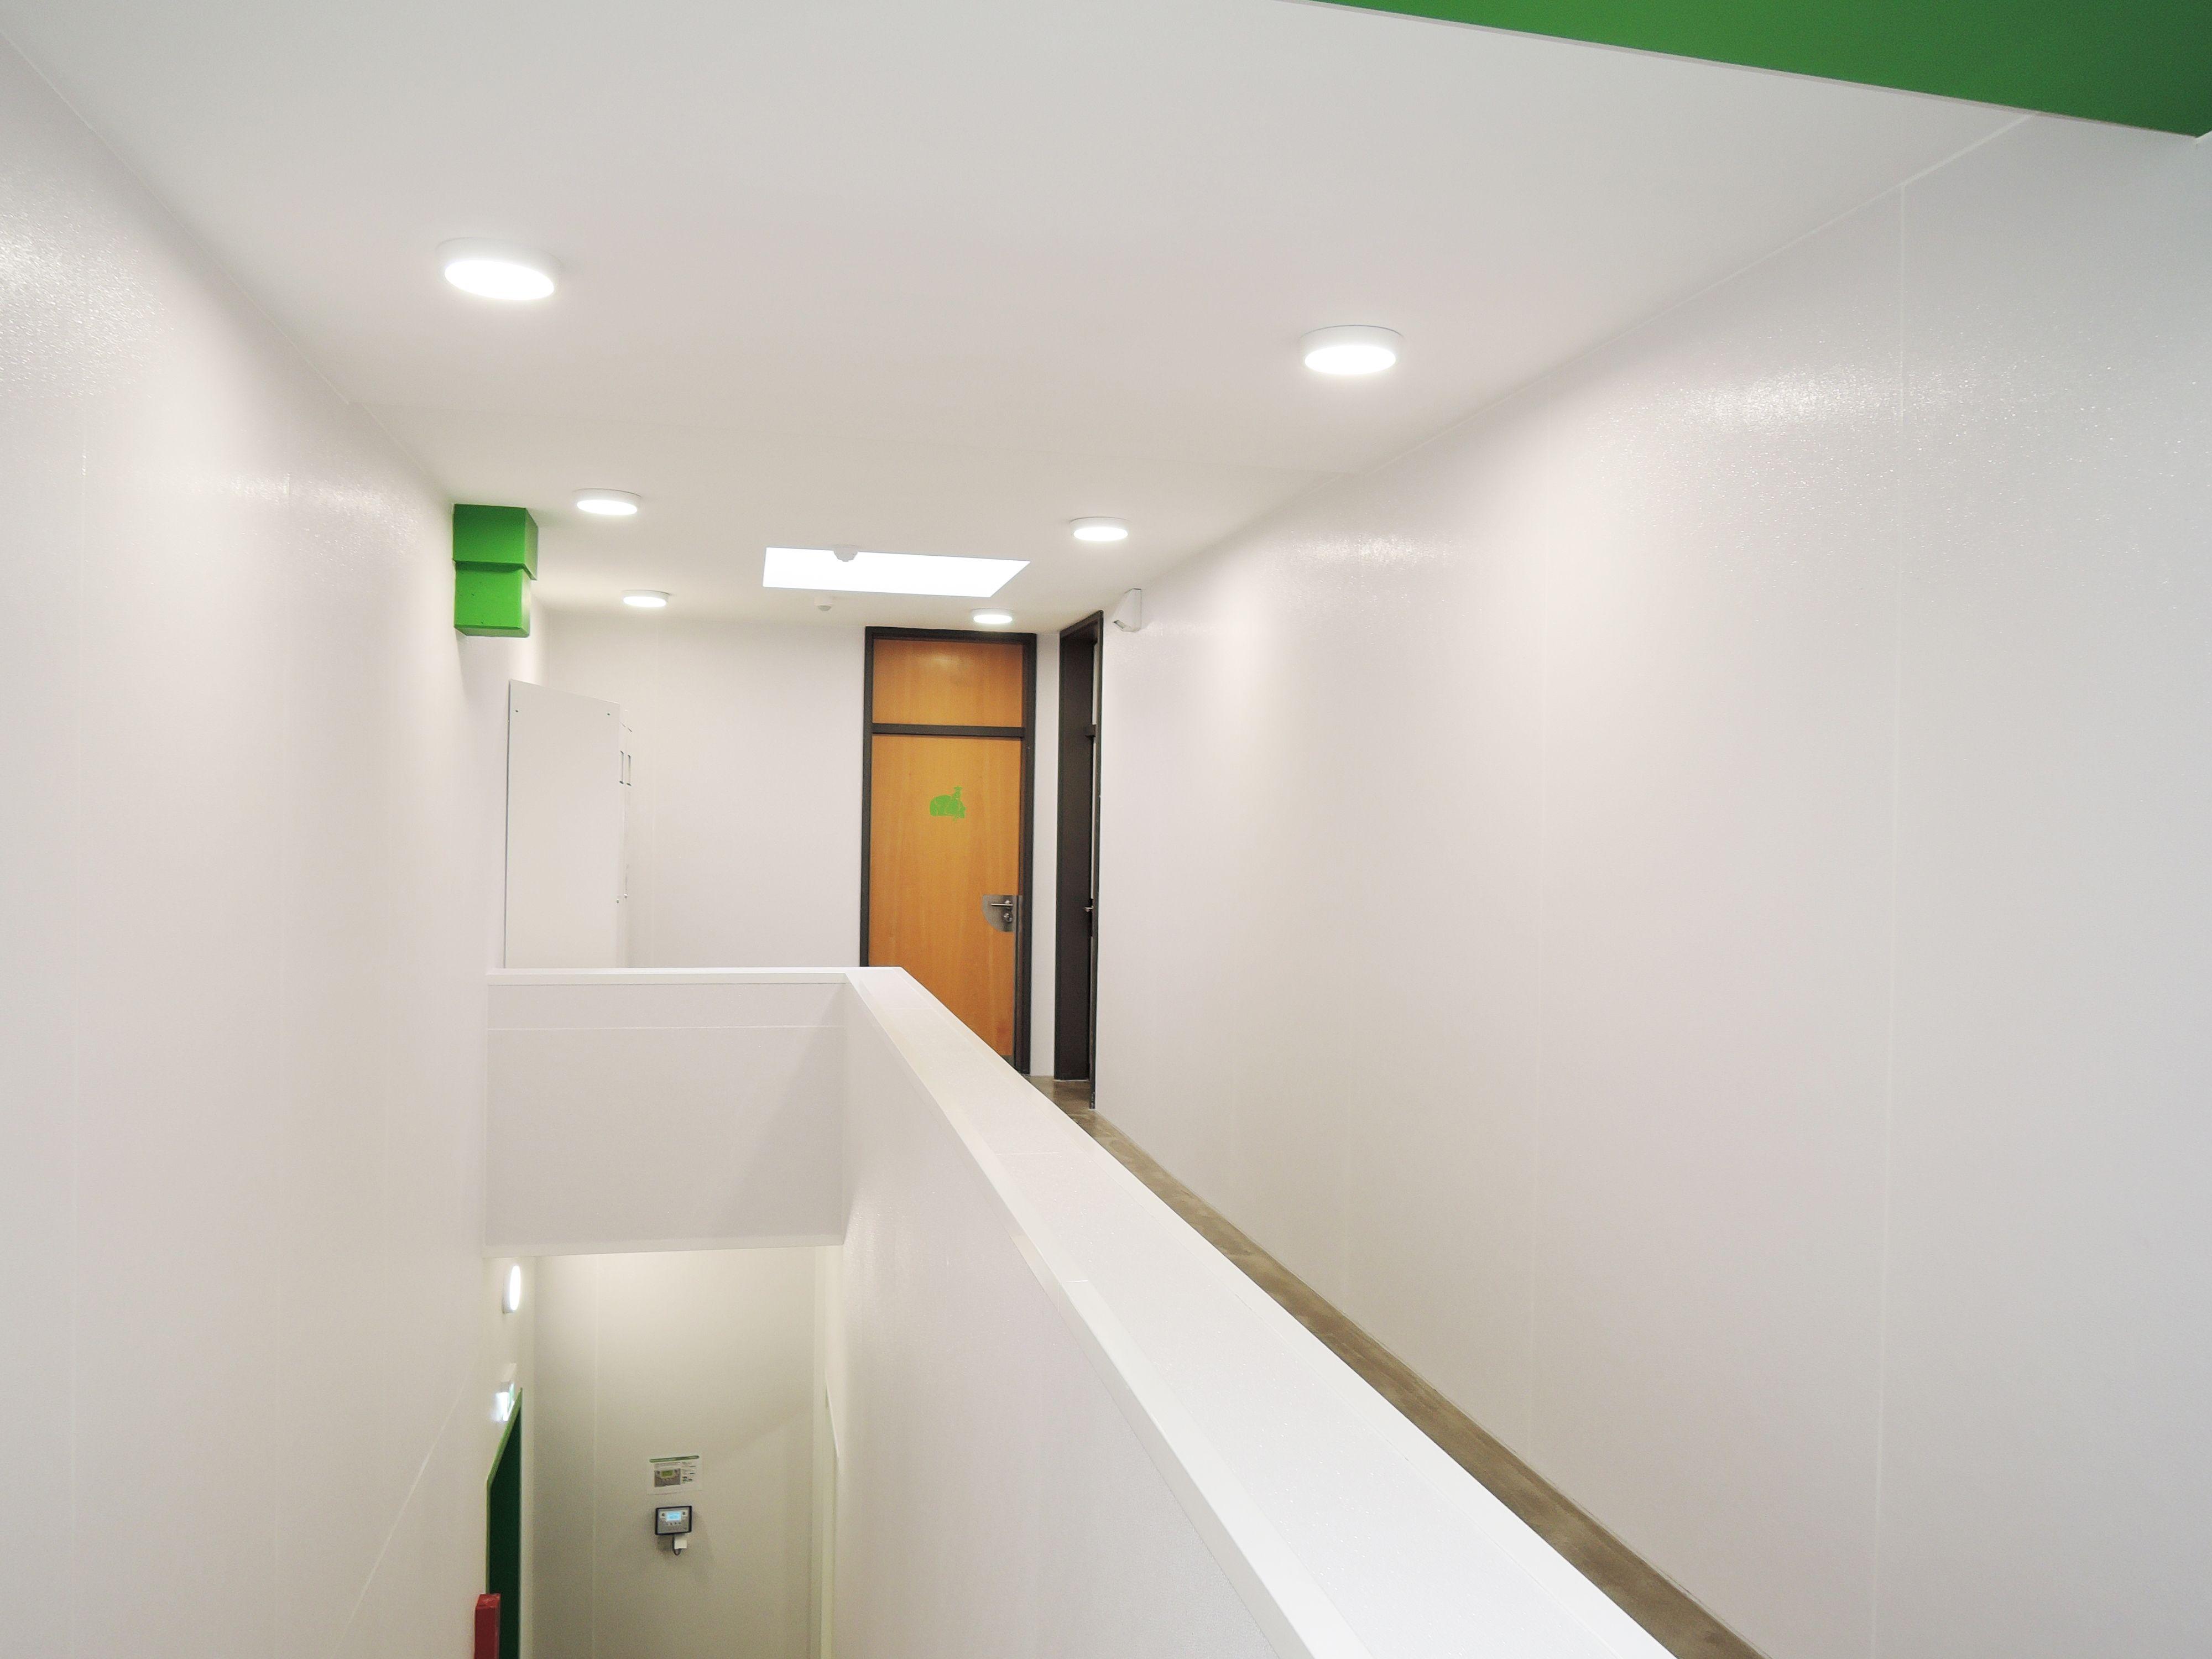 Moderne Wandverkleidungen Sicher Hygienisch Stabil Moderne Wandverkleidung Wandverkleidung Wand